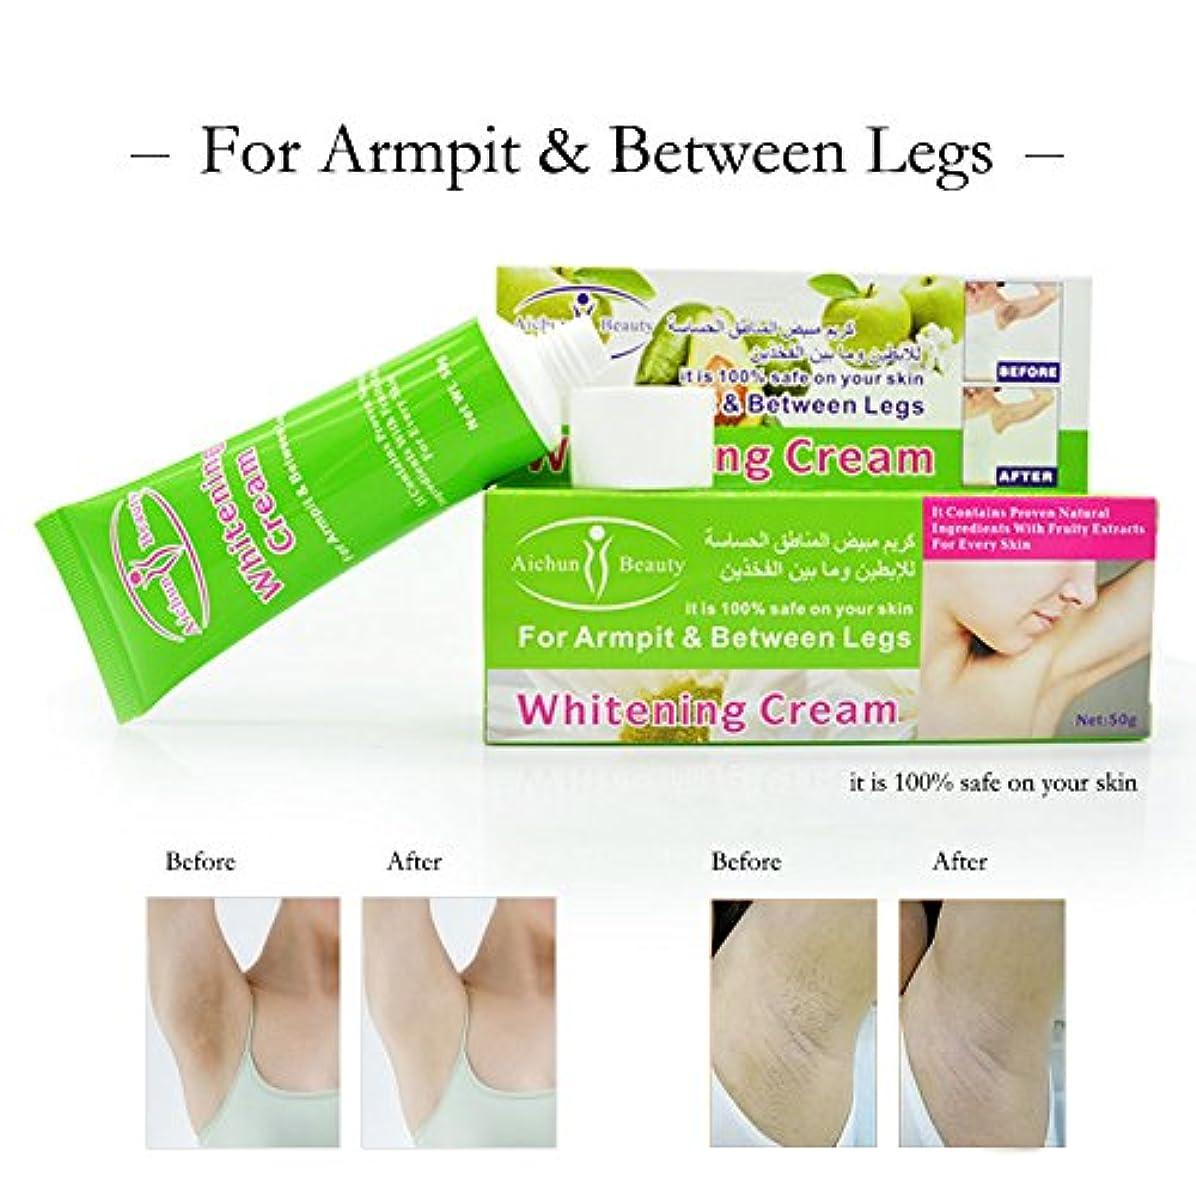 ストレス同性愛者アルコールボディダークライトニング膝の保湿のためのLanthome Aichun脇の下脇の下寧漂白クリーム